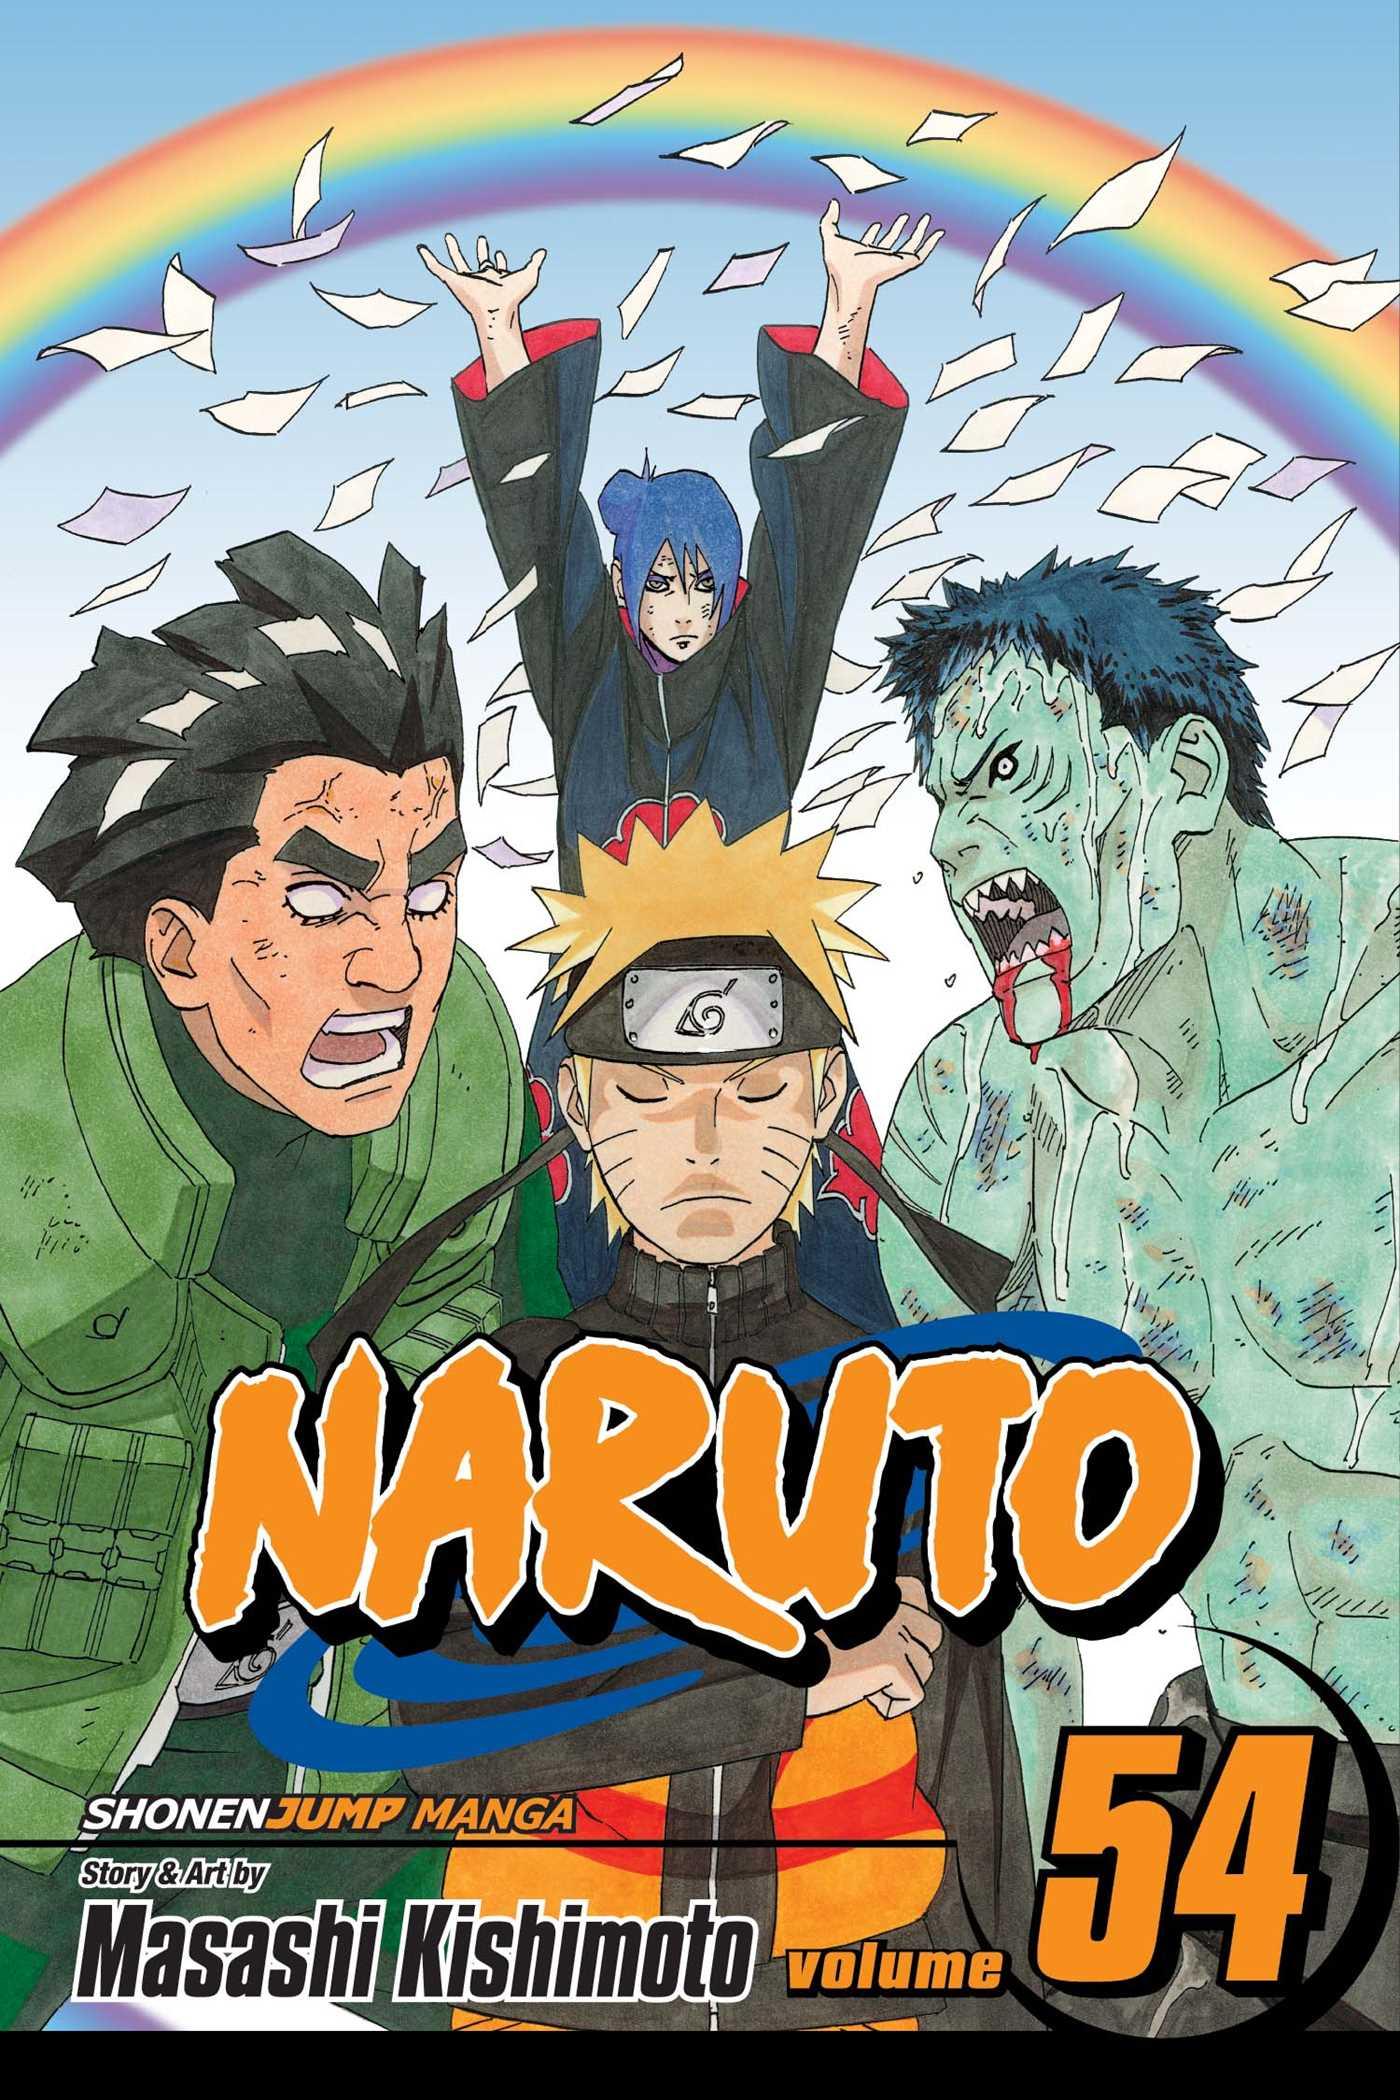 naruto vol 54 9781421541020 hr - Naruto 69